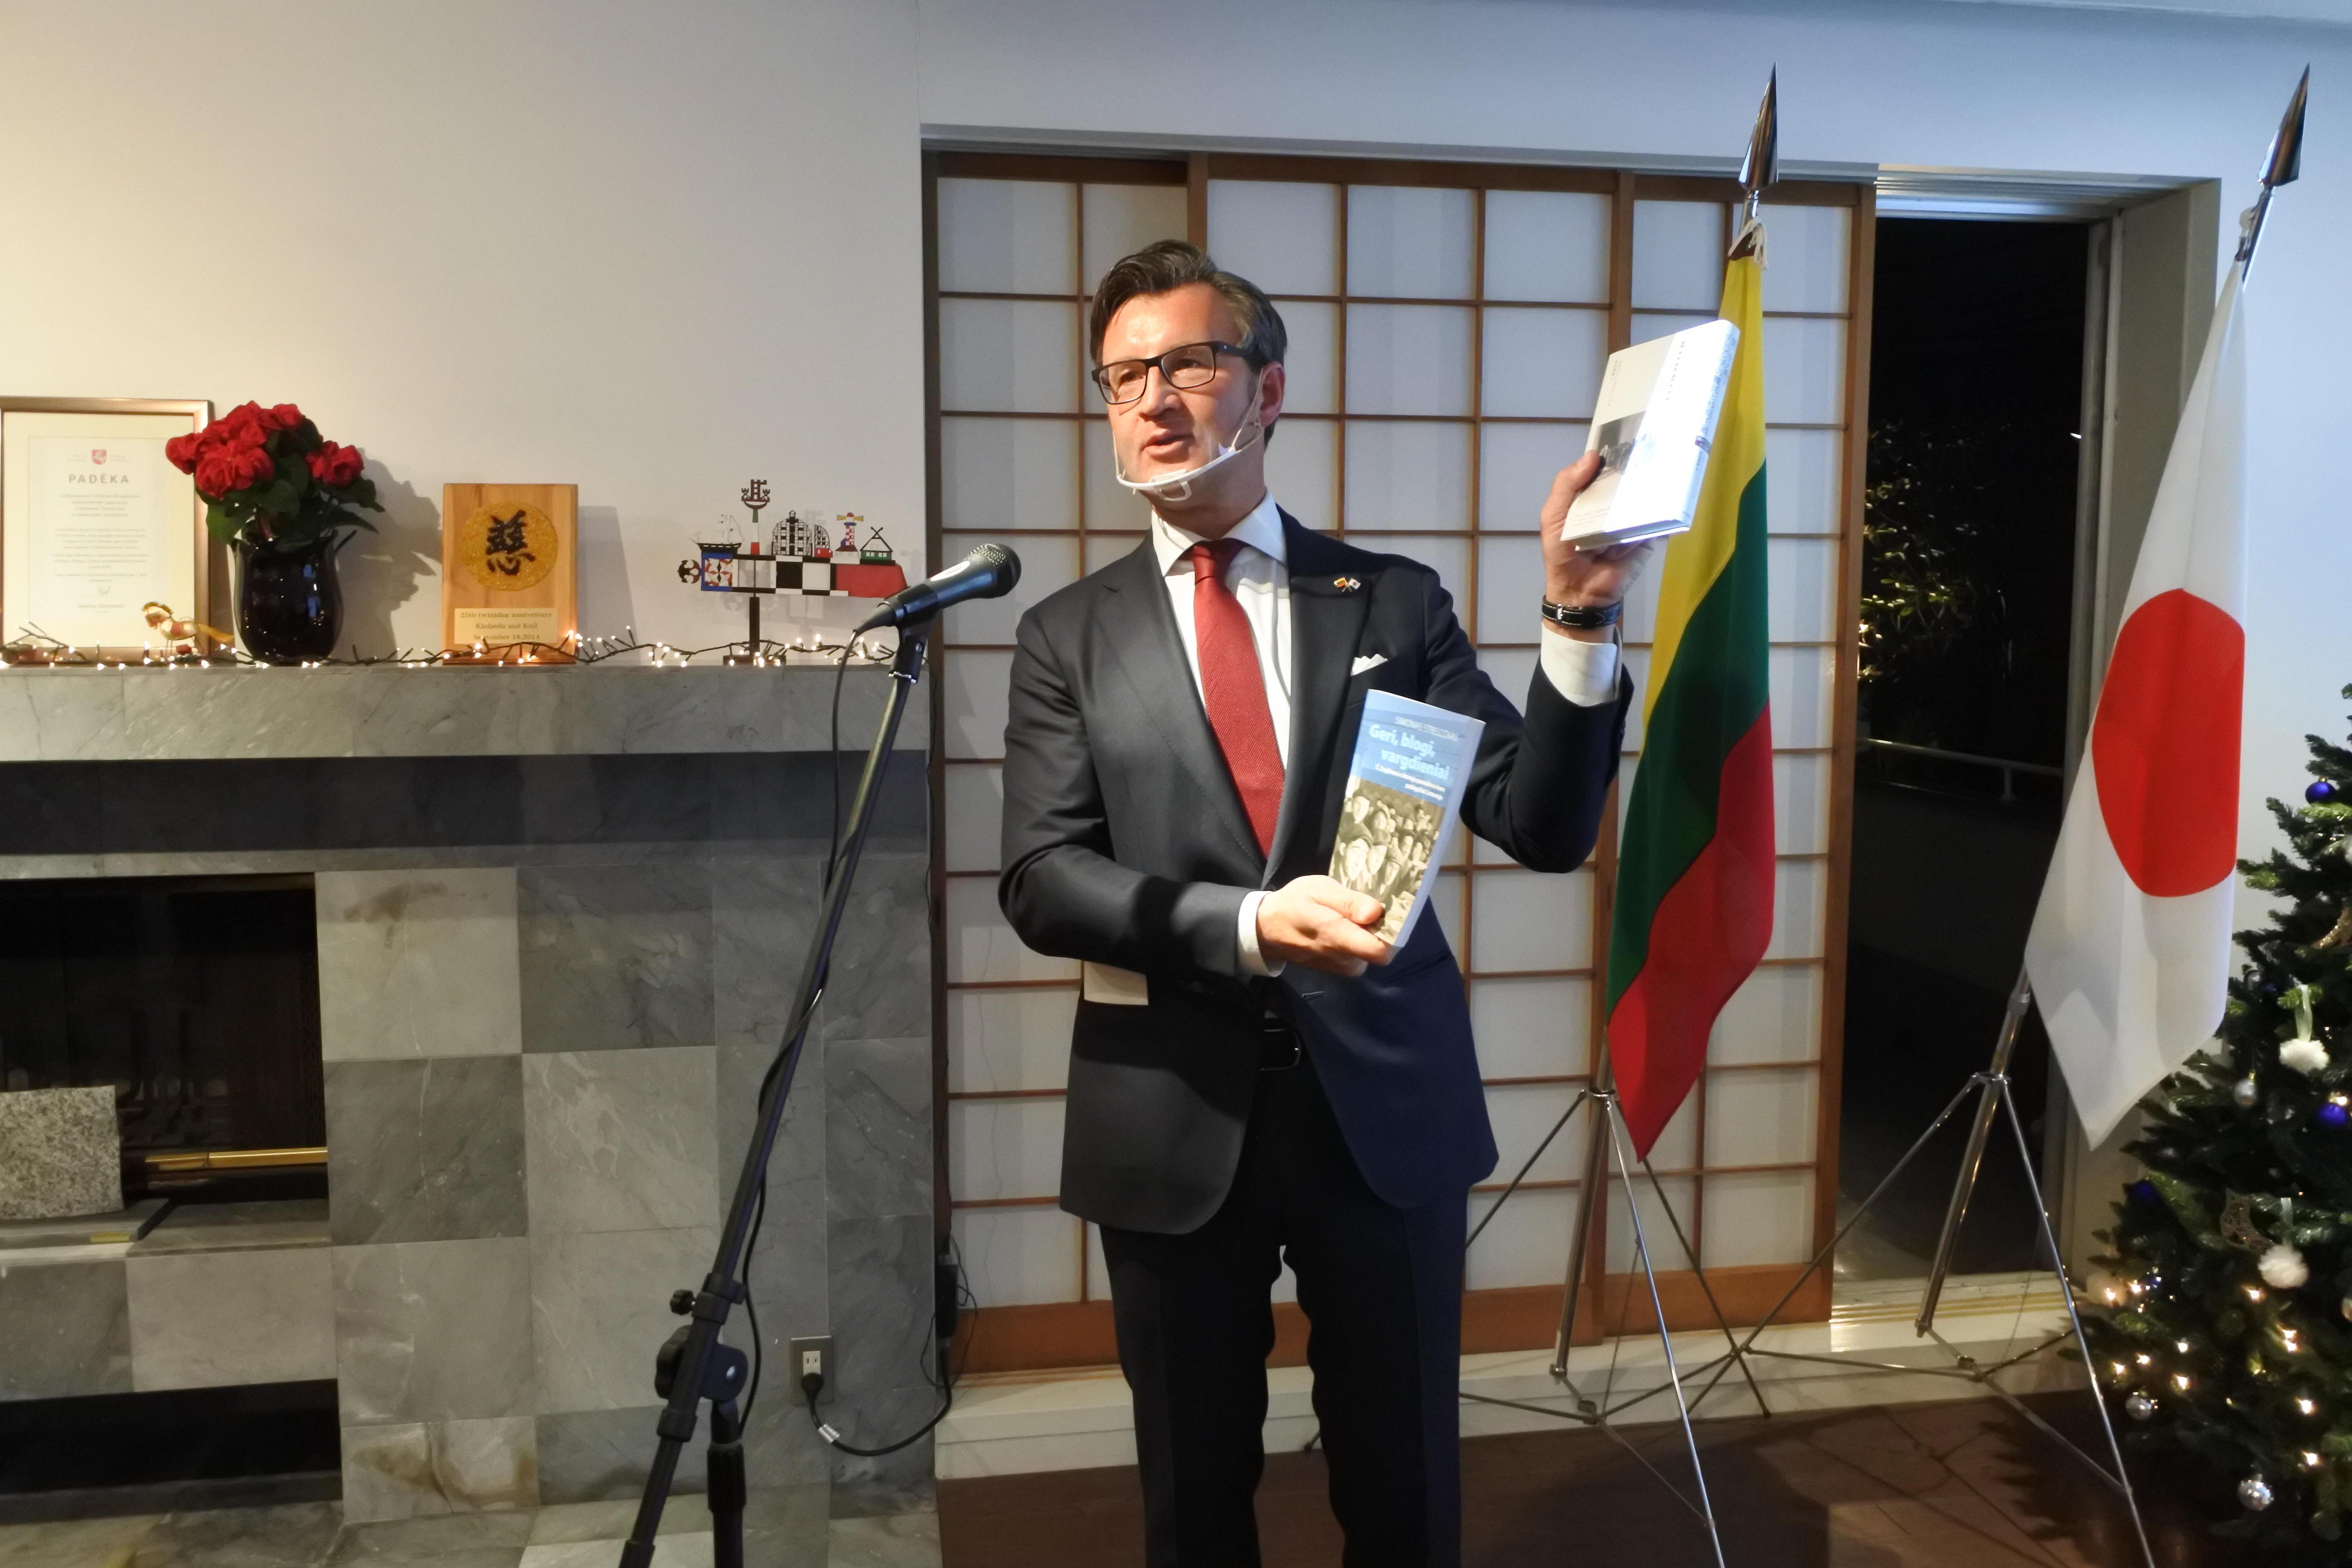 原著と邦訳を手にあいさつするバルブオリス大使